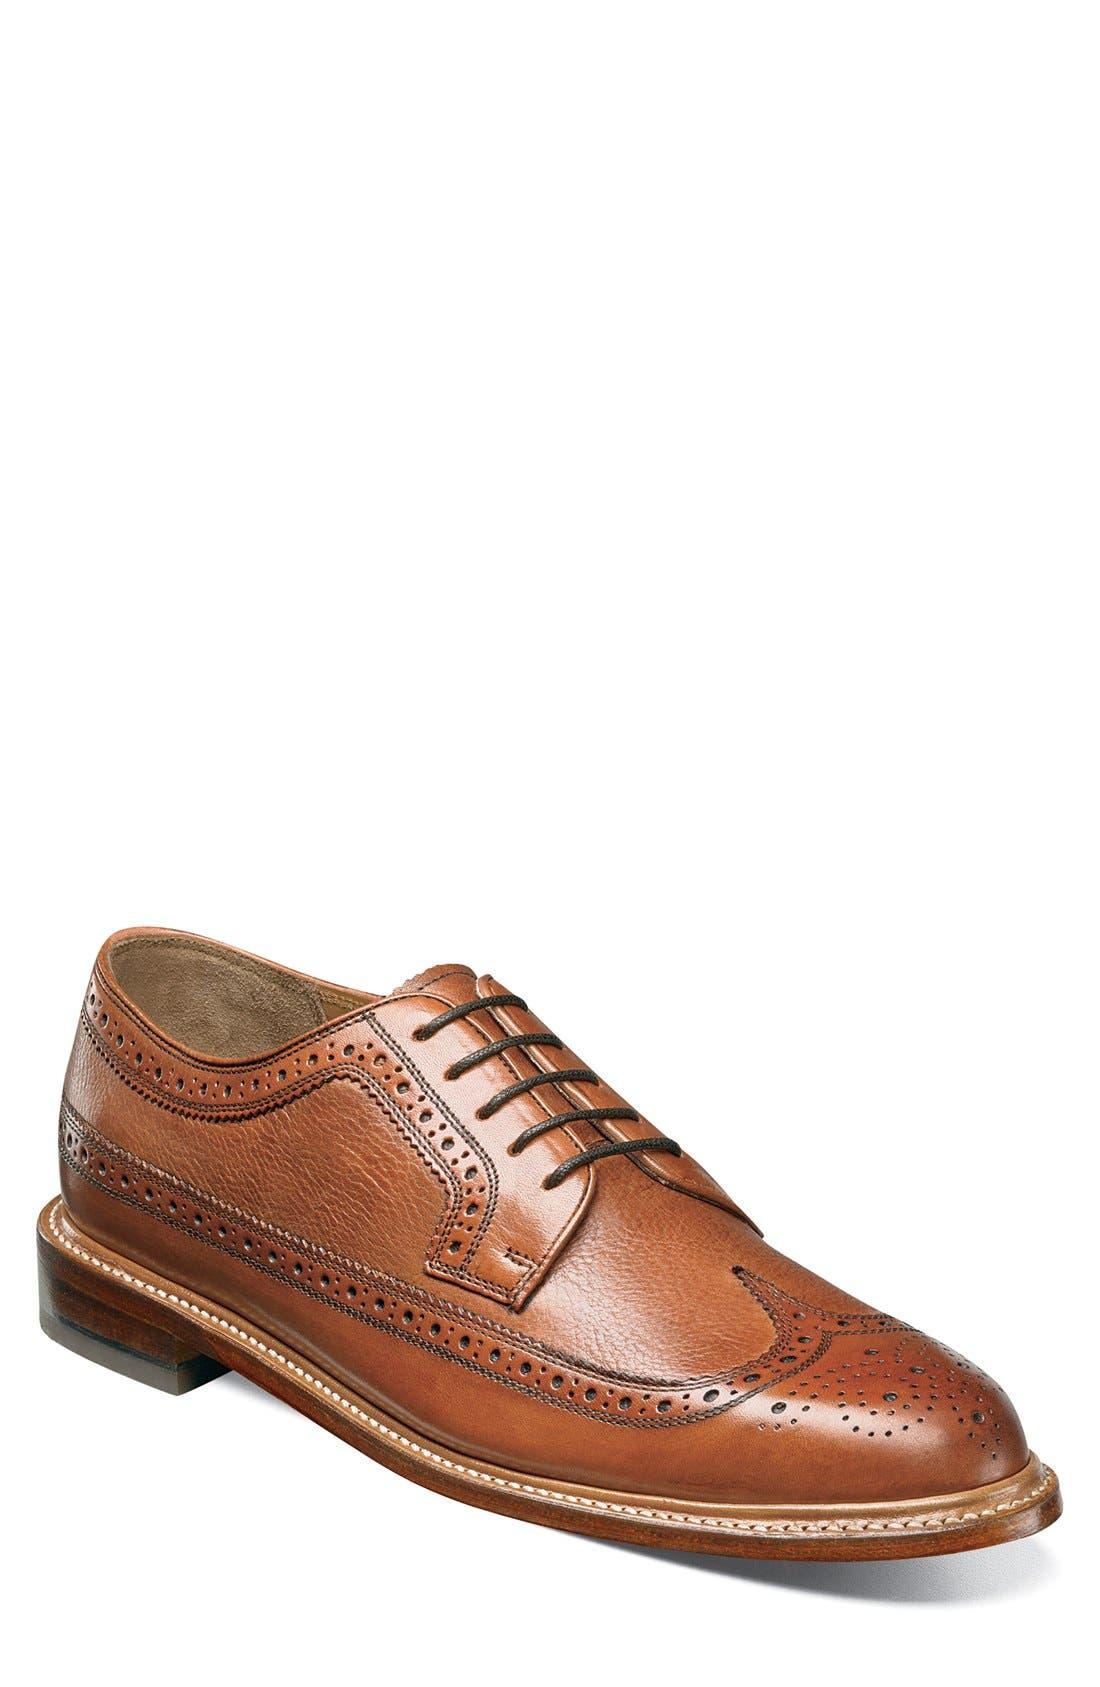 'Heritage' Wingtip,                         Main,                         color, Cognac Leather